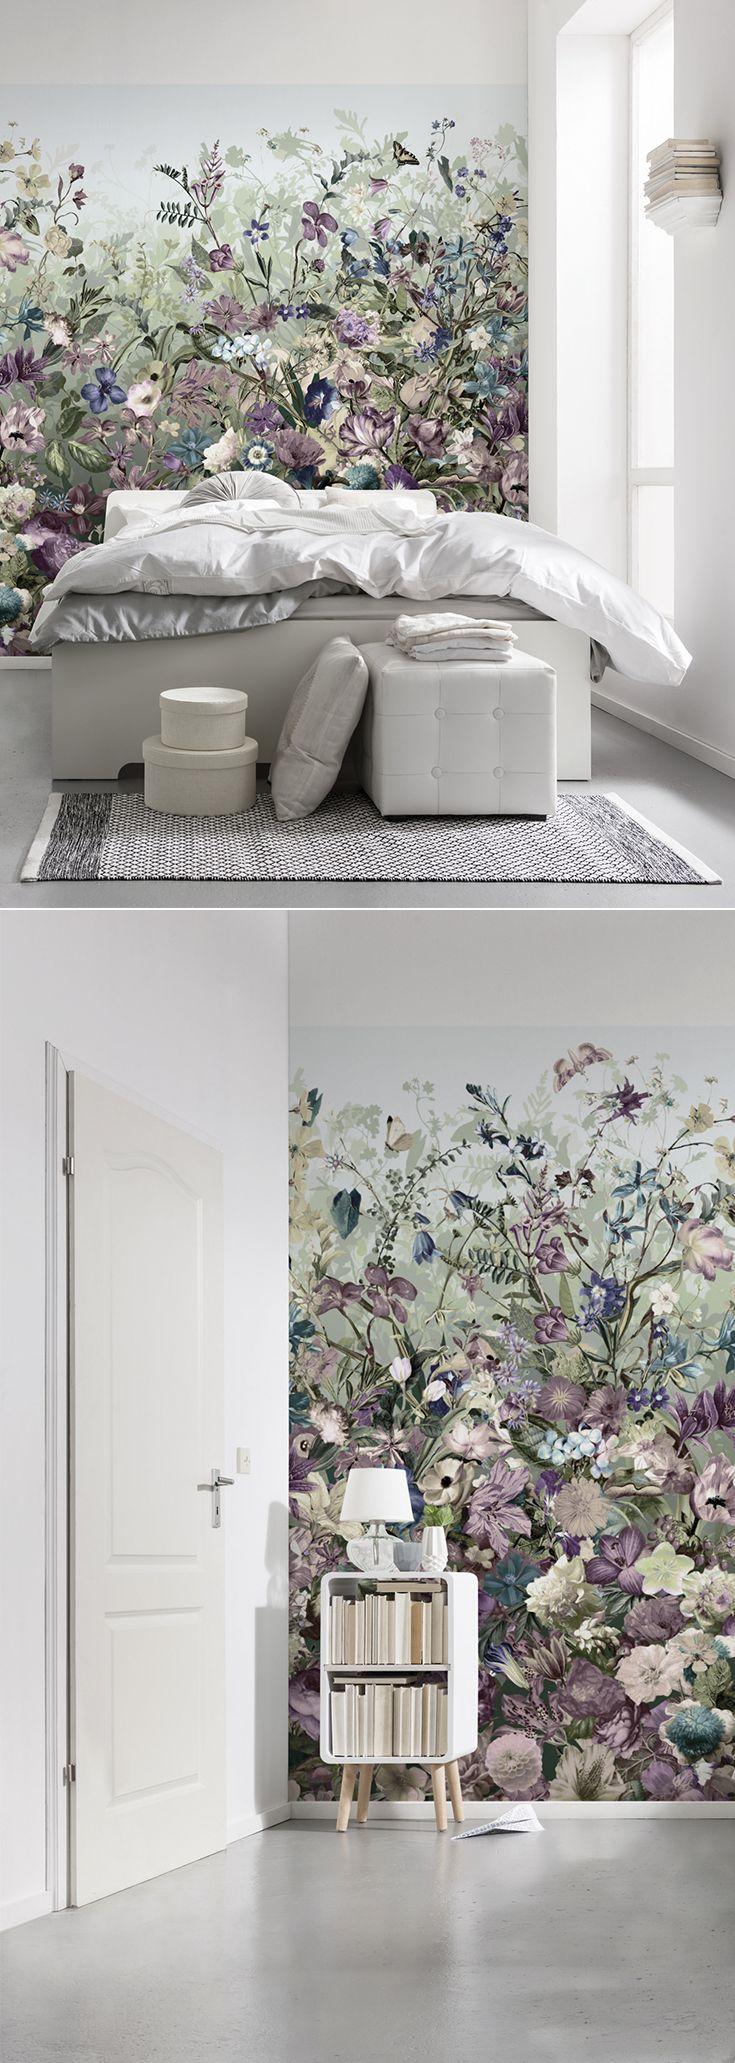 die 25 besten ideen zu blumentapete auf pinterest blume iphone bildschirmhintergrund. Black Bedroom Furniture Sets. Home Design Ideas